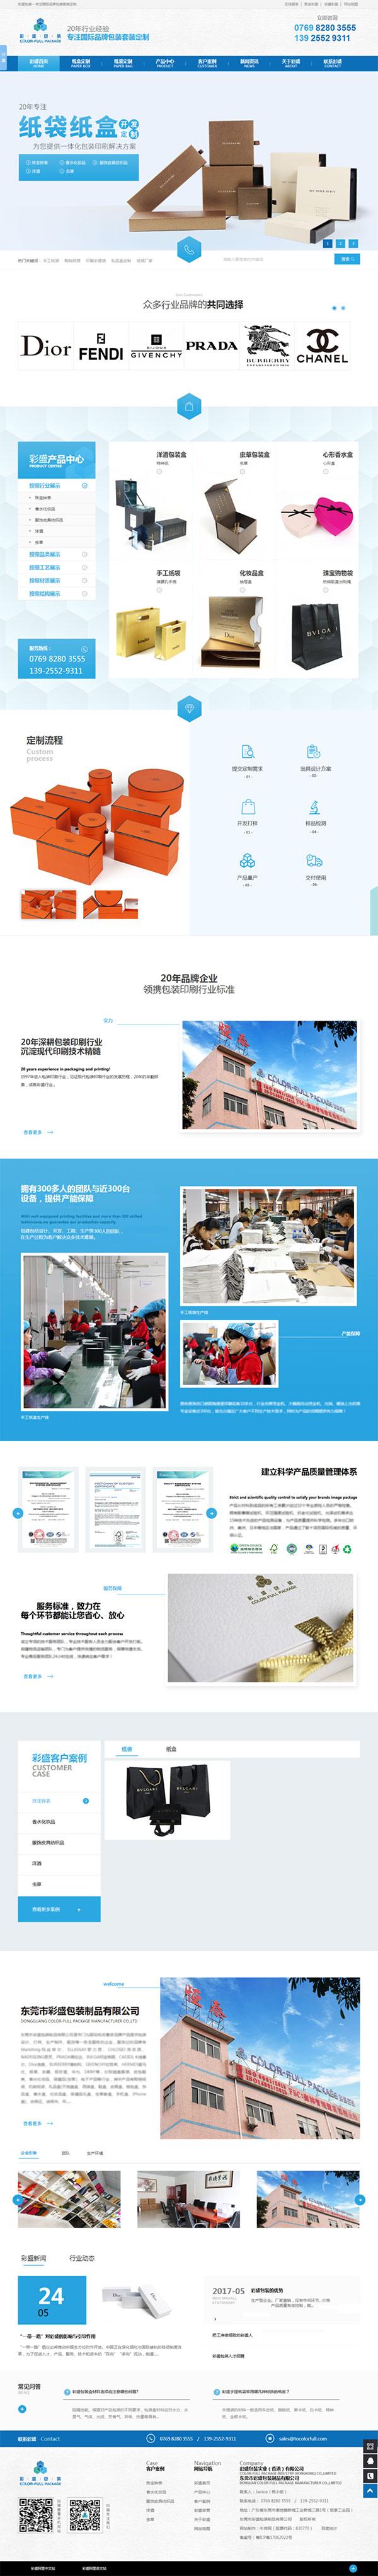 彩盛包装龙8国际龙88型龙8国际官网首页截屏